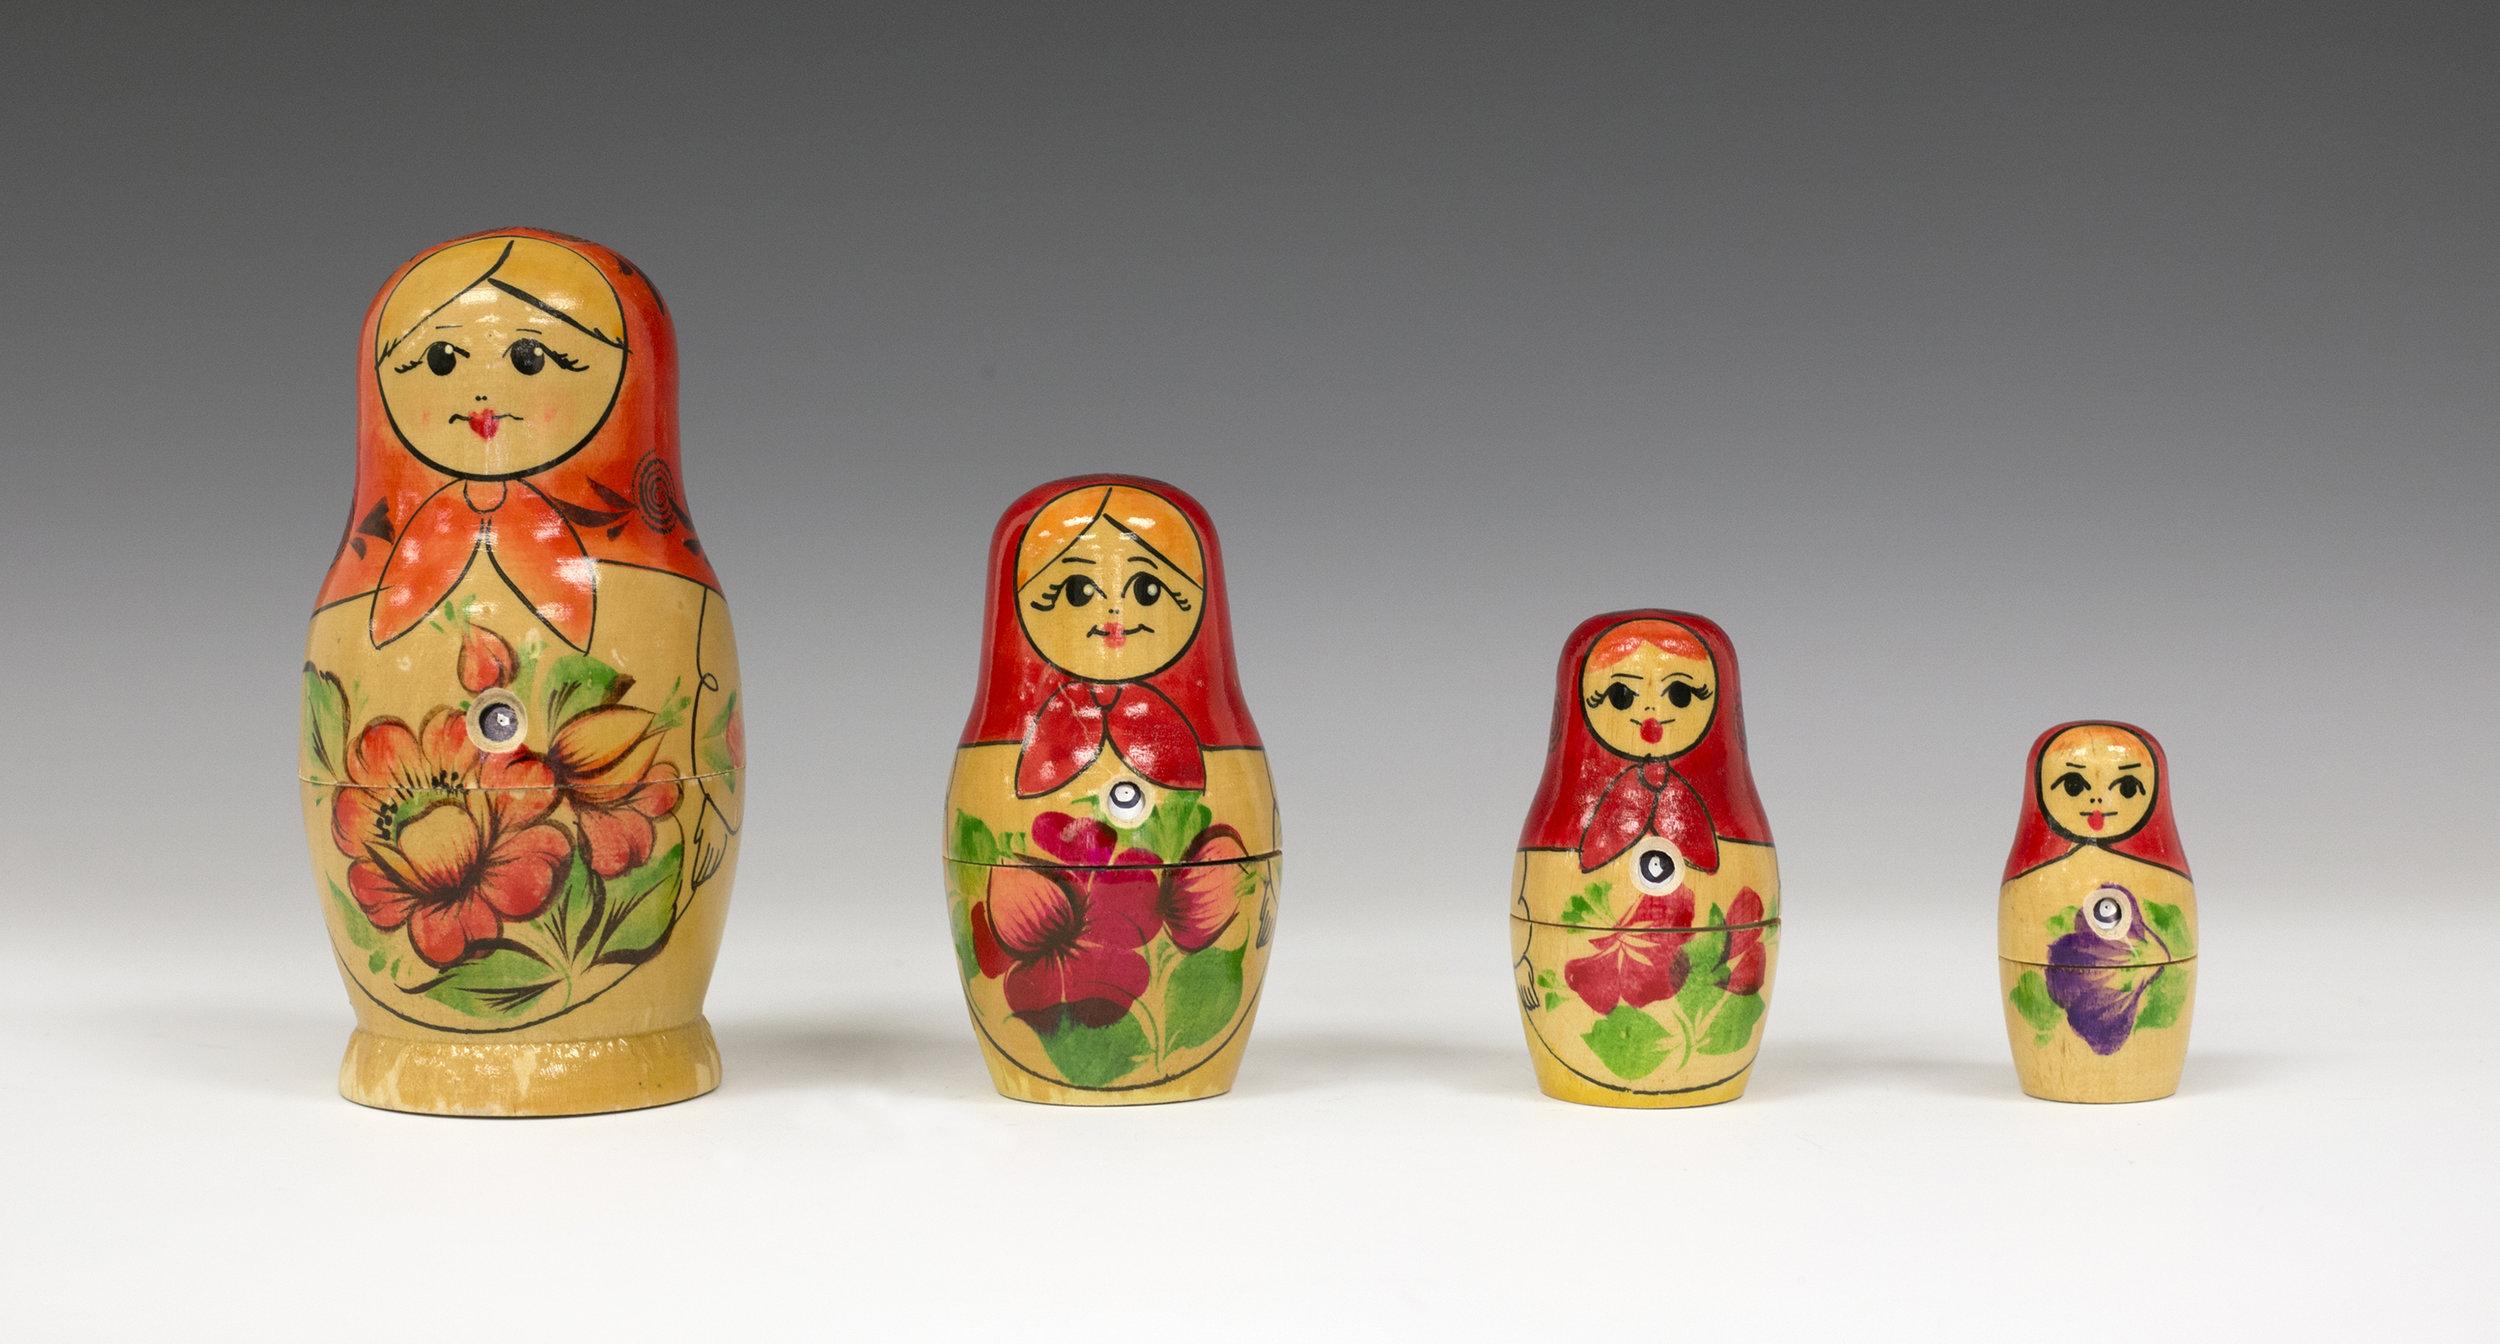 Russian nesting dolls as pinhole cameras.